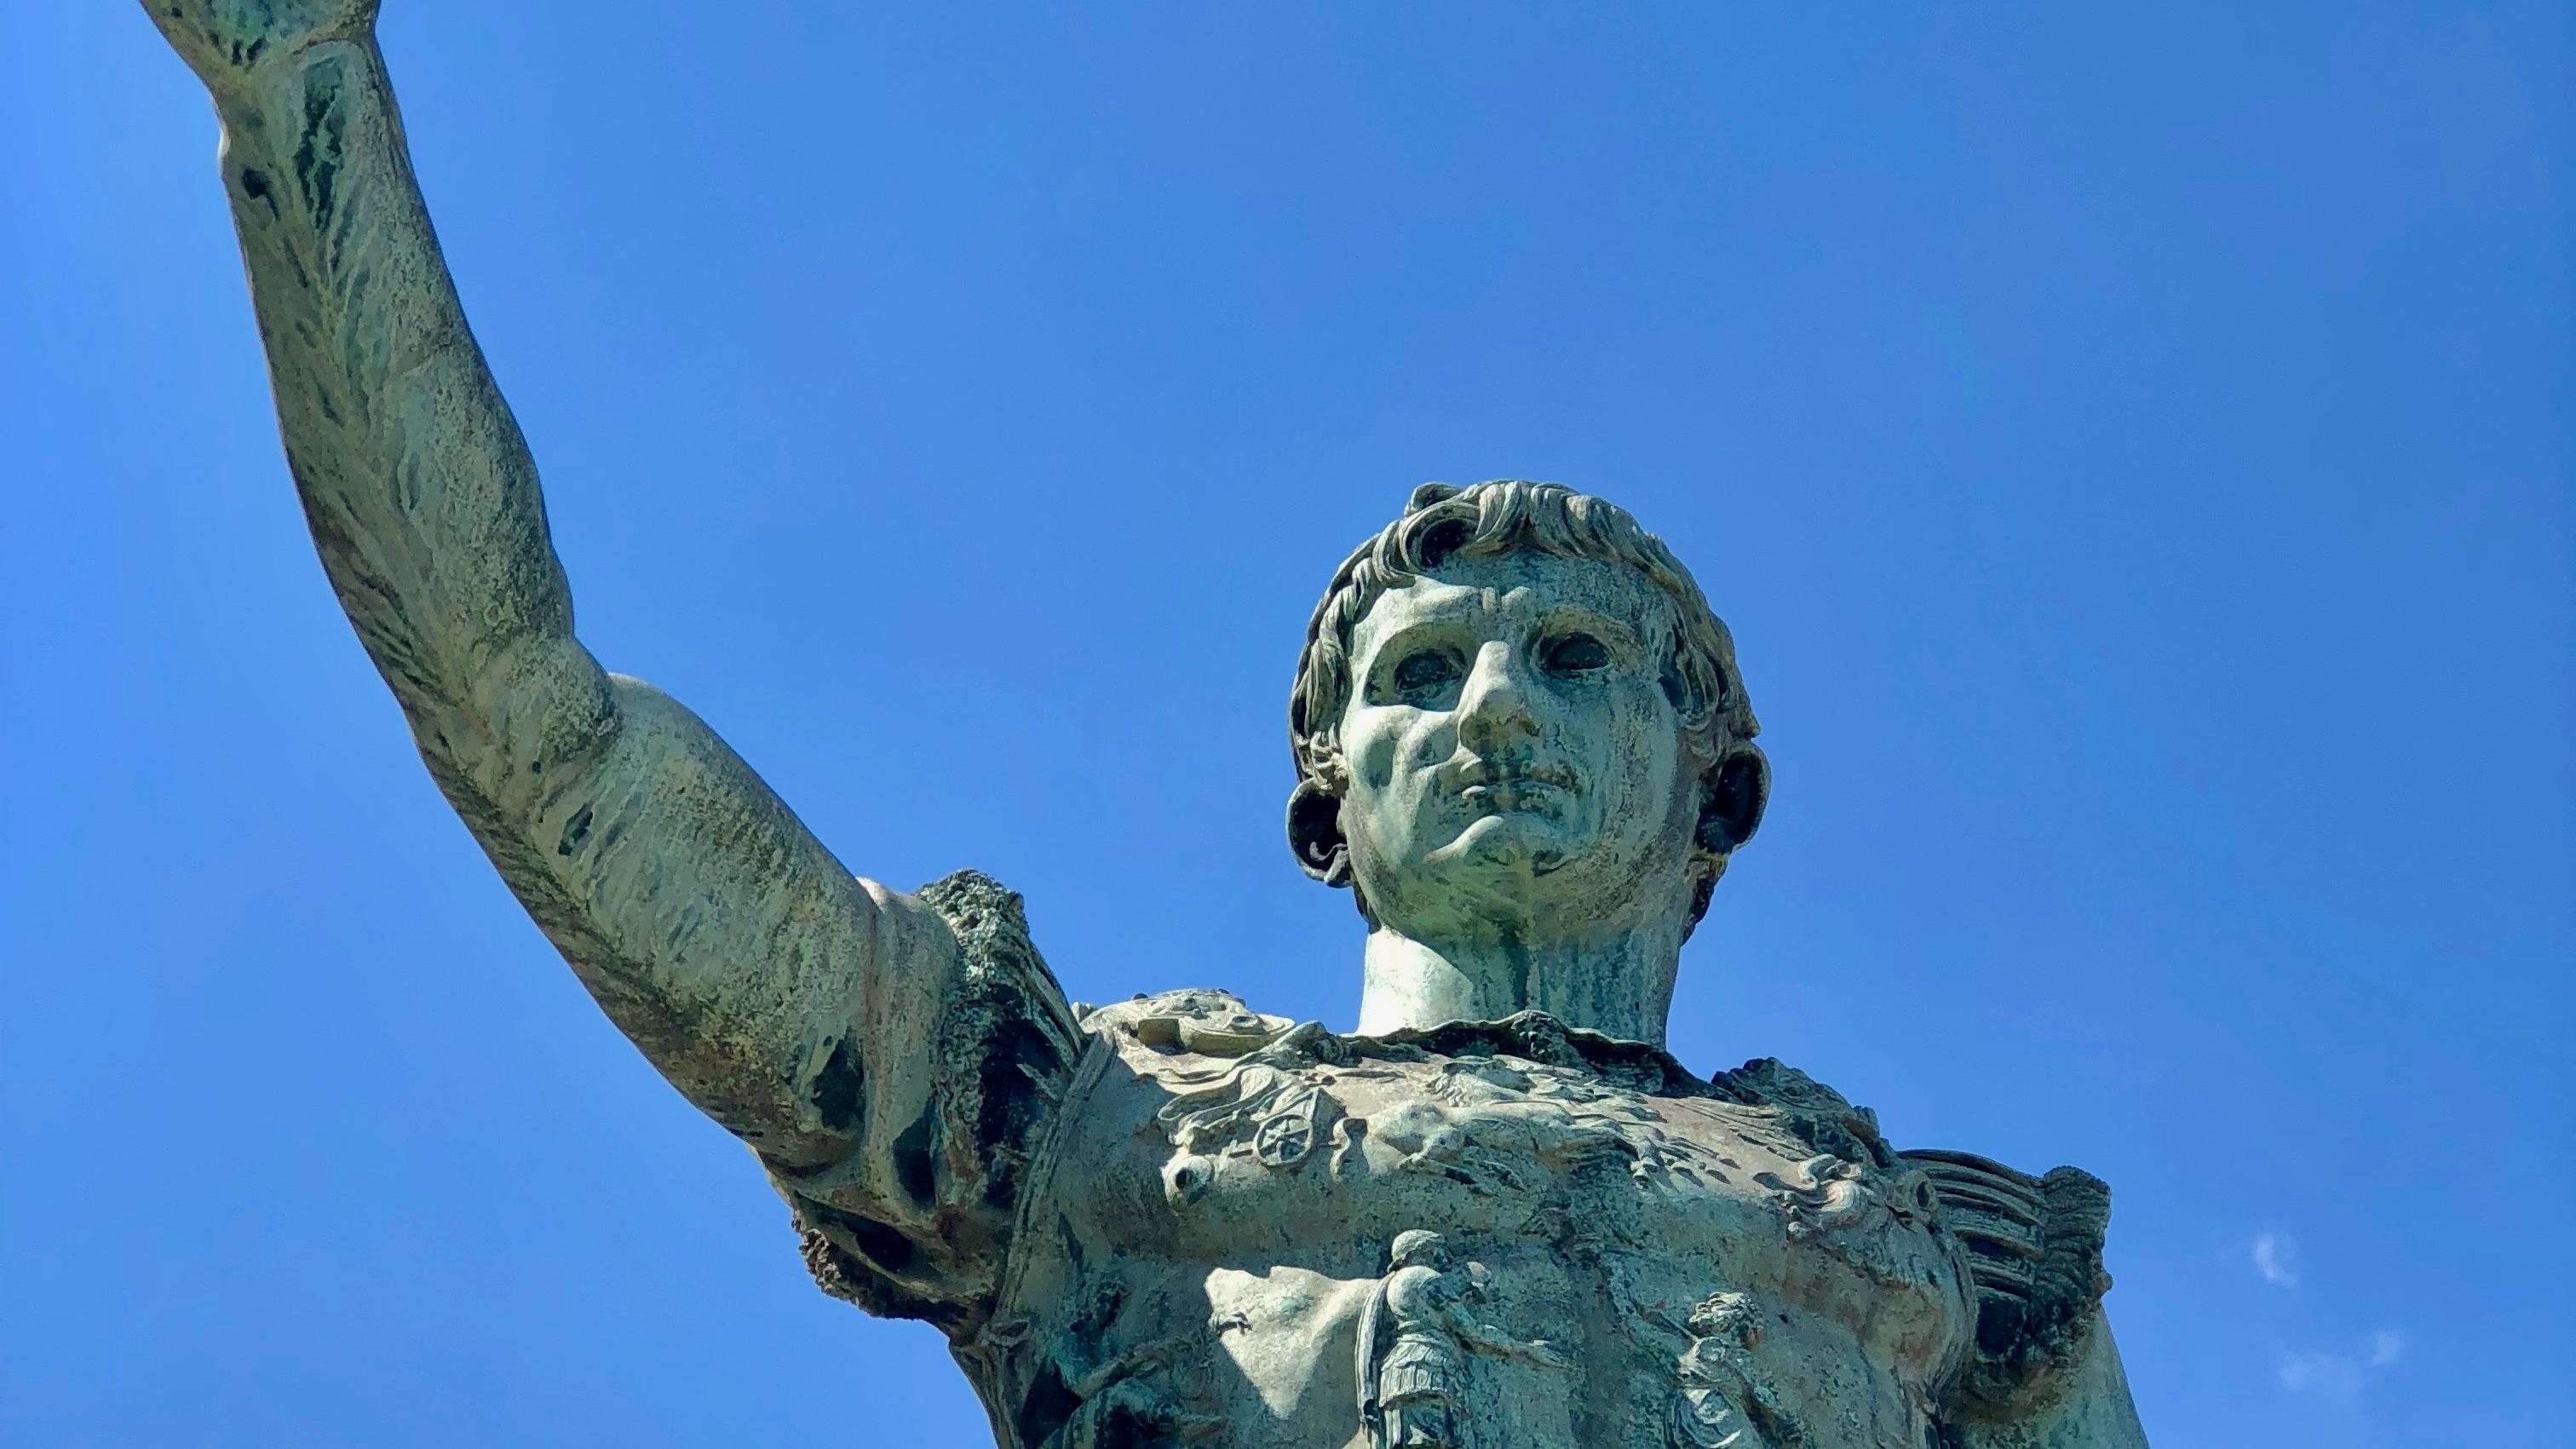 Oktawian August Pierwszy Cesarz Cesarstwa Rzymskiego Wiadomosci